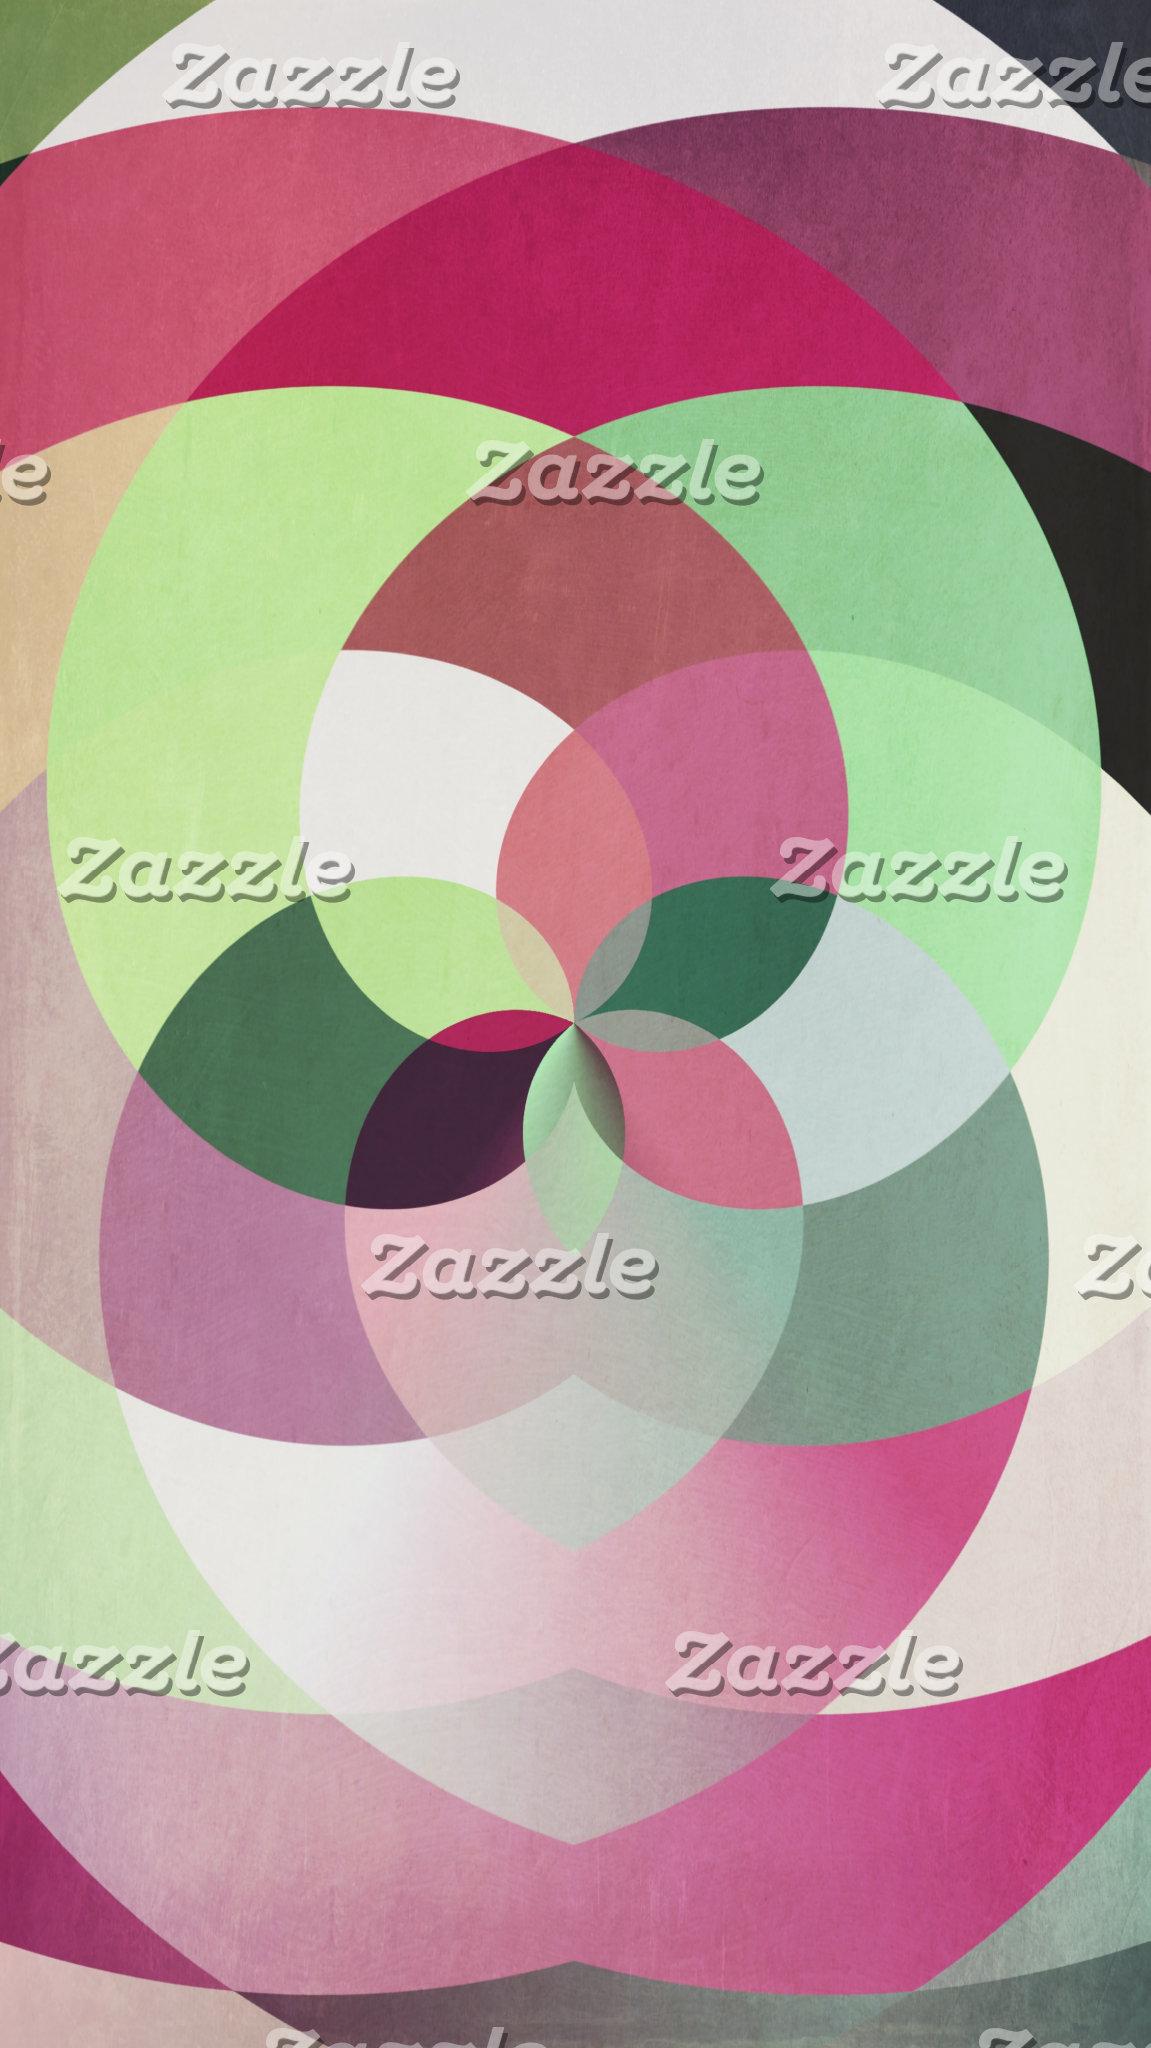 Geometric Kaleidoscope Design in Multiple Colors